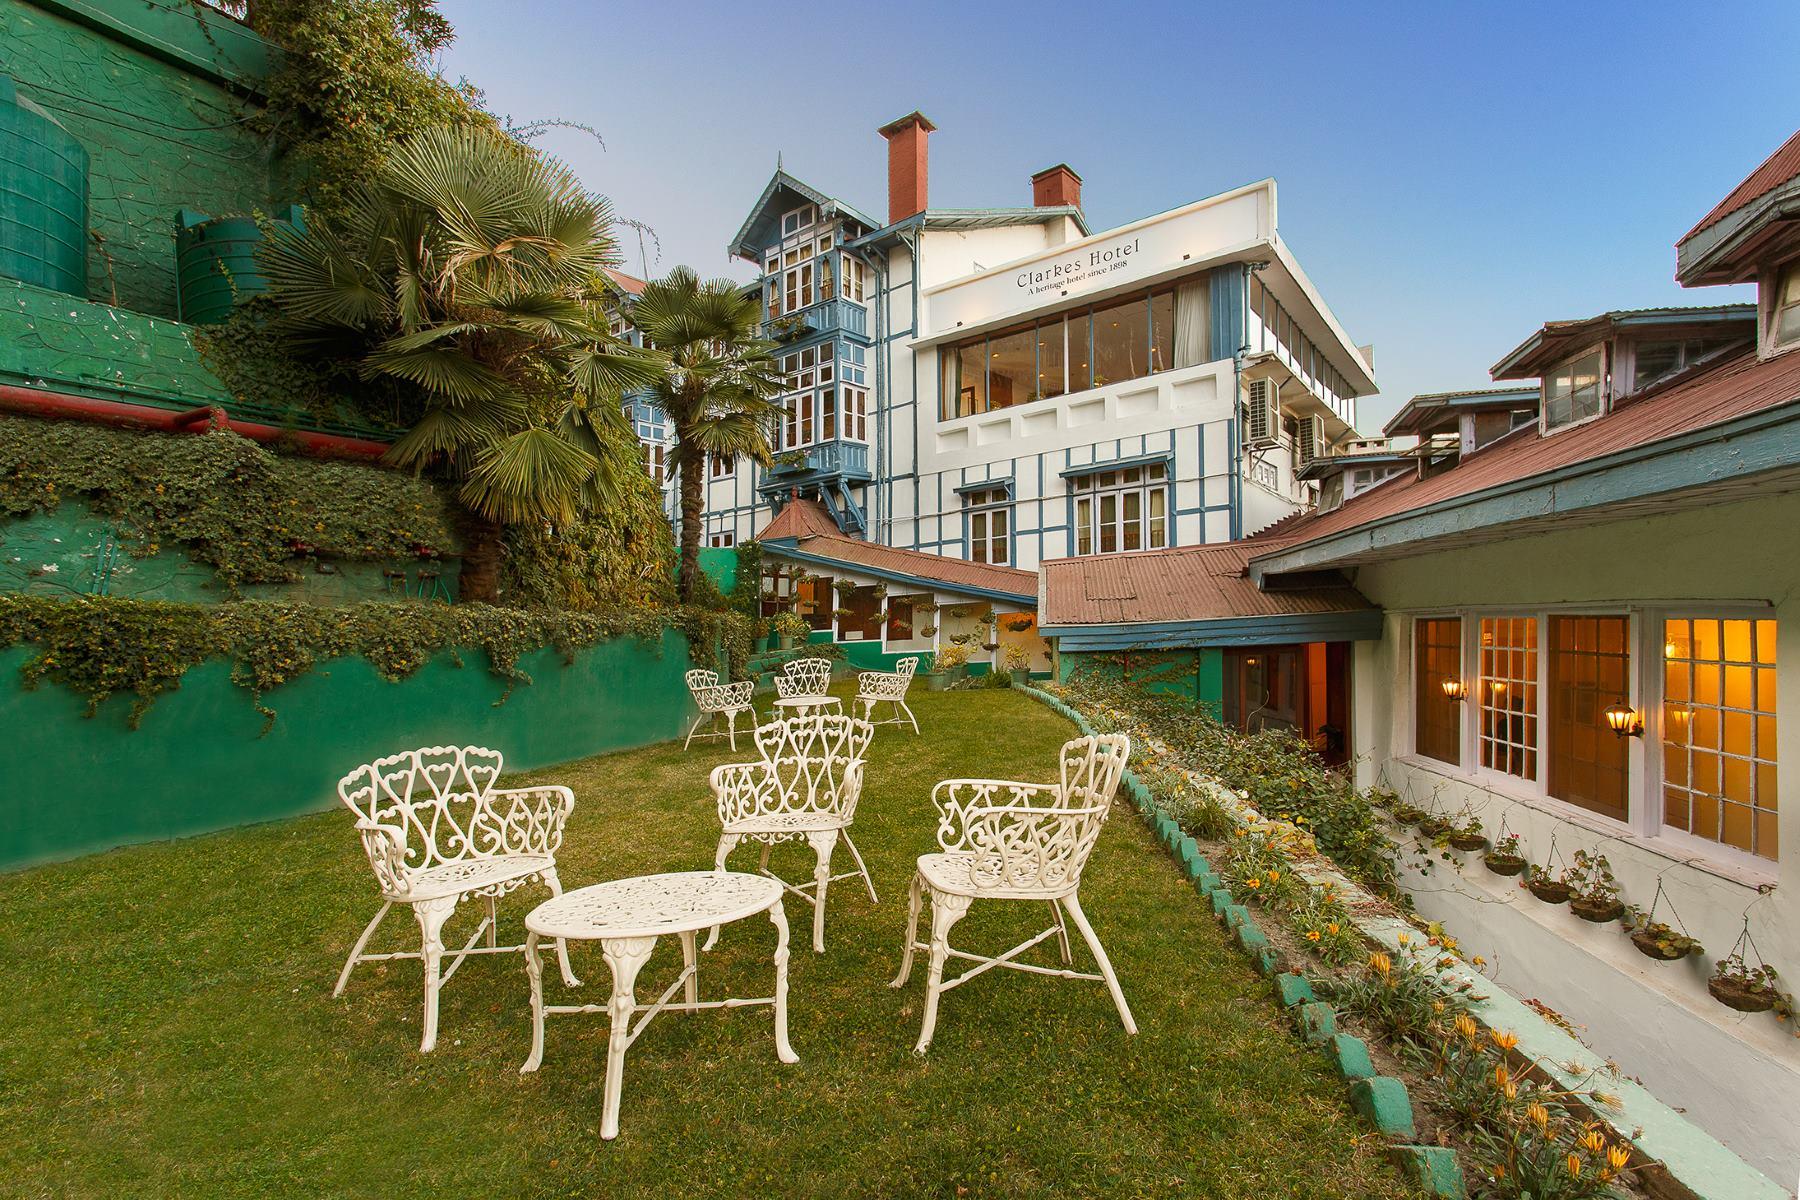 Clarkes Hotel Shimla Garden